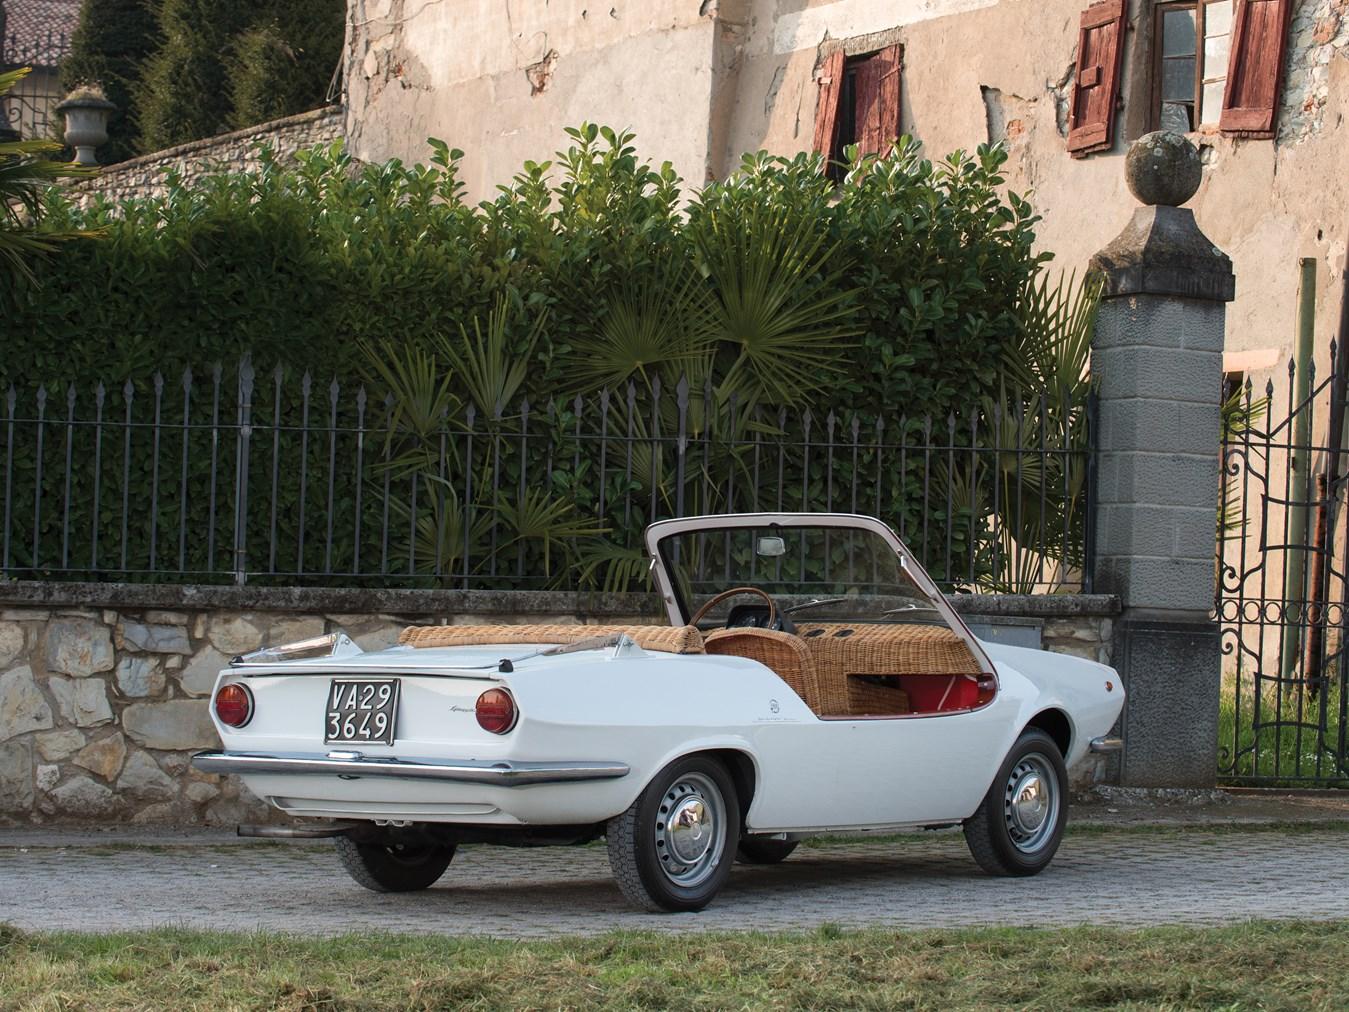 1970 Fiat 850 Spiaggetta by Michelotti